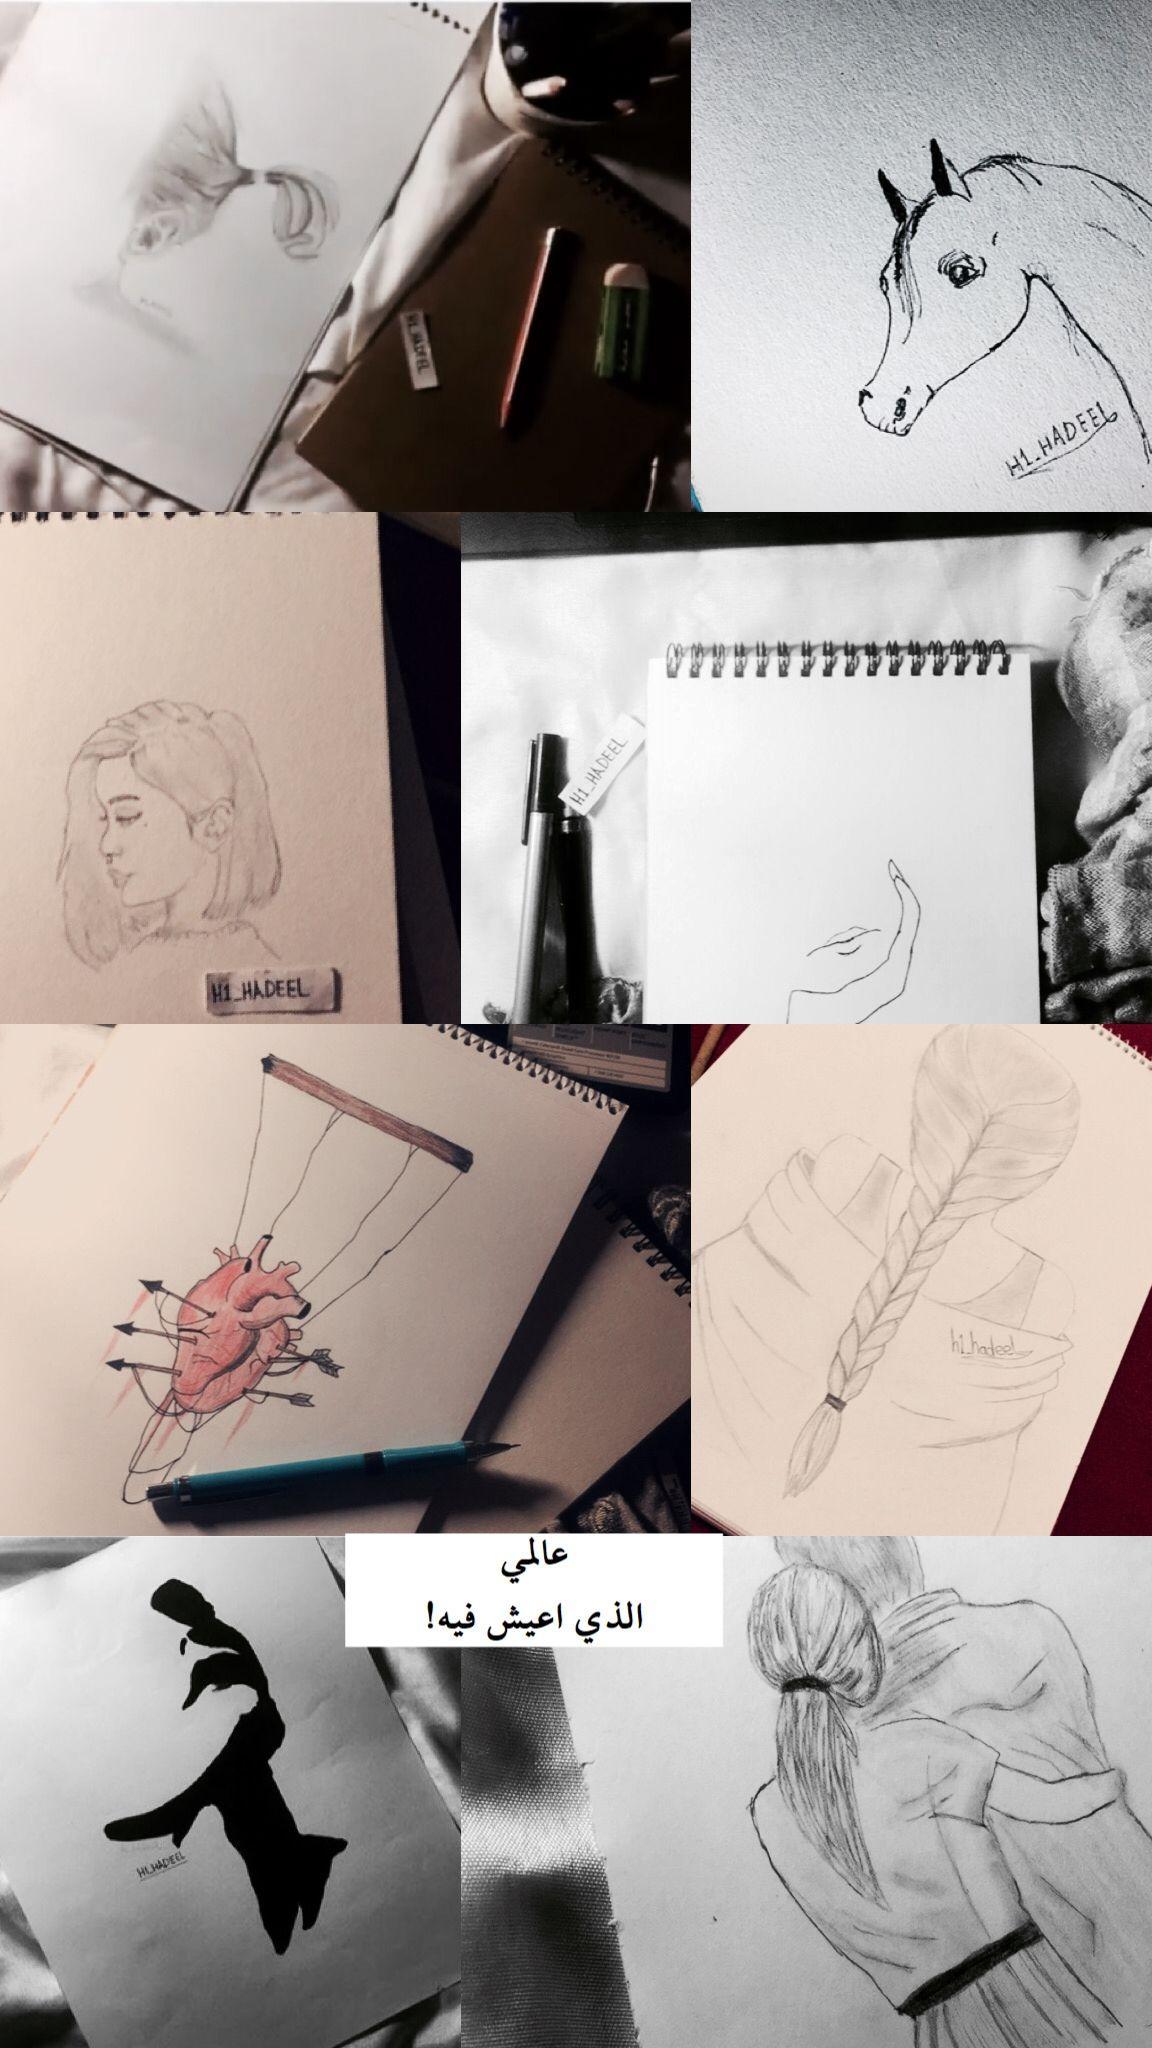 عالمي الذي اعيش فيه Art Drawings اقتباسات كلام رسم تصميم خلفيات Words Wallpaper Disney Princess Wallpaper Beautiful Arabic Words